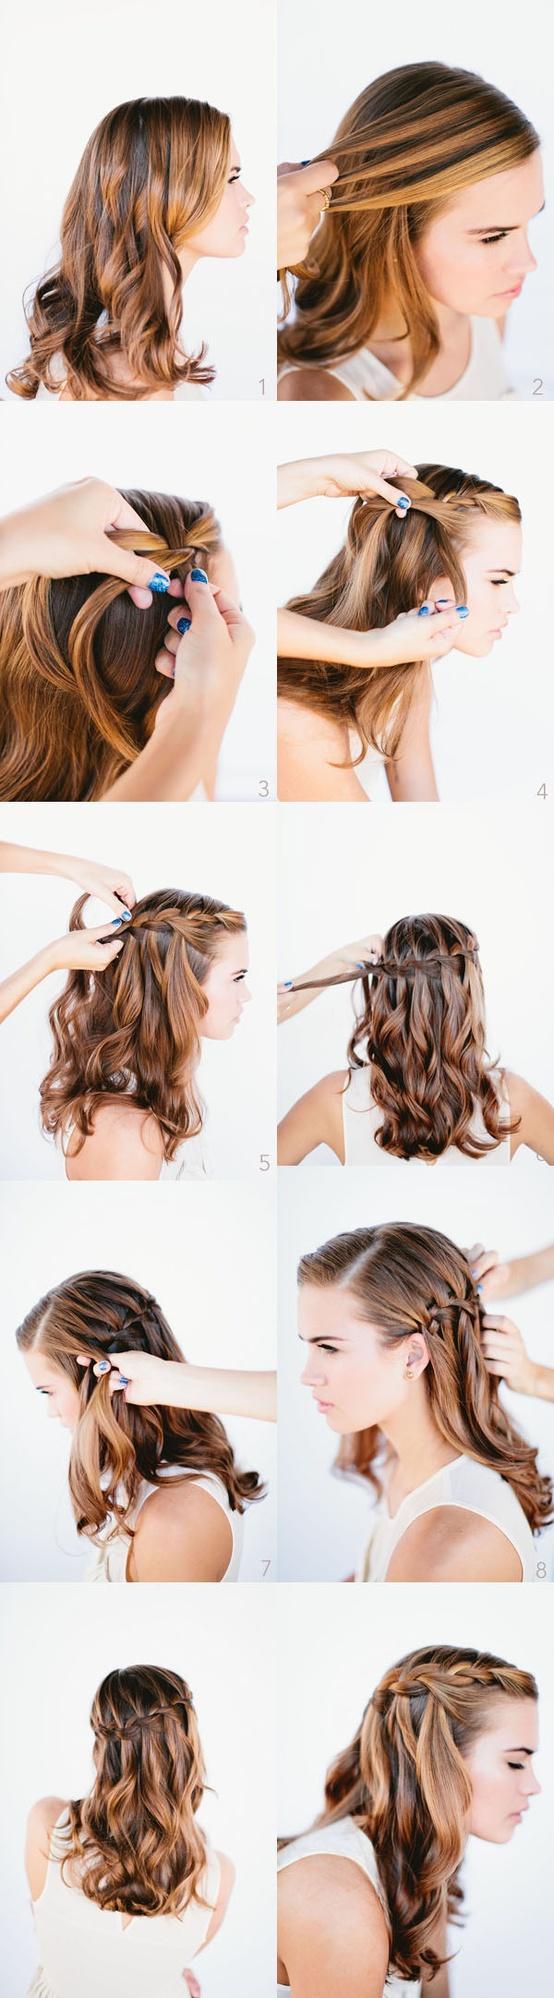 Peinados paso a paso tendencias trenzas paperblog - Peinados paso a paso trenzas ...